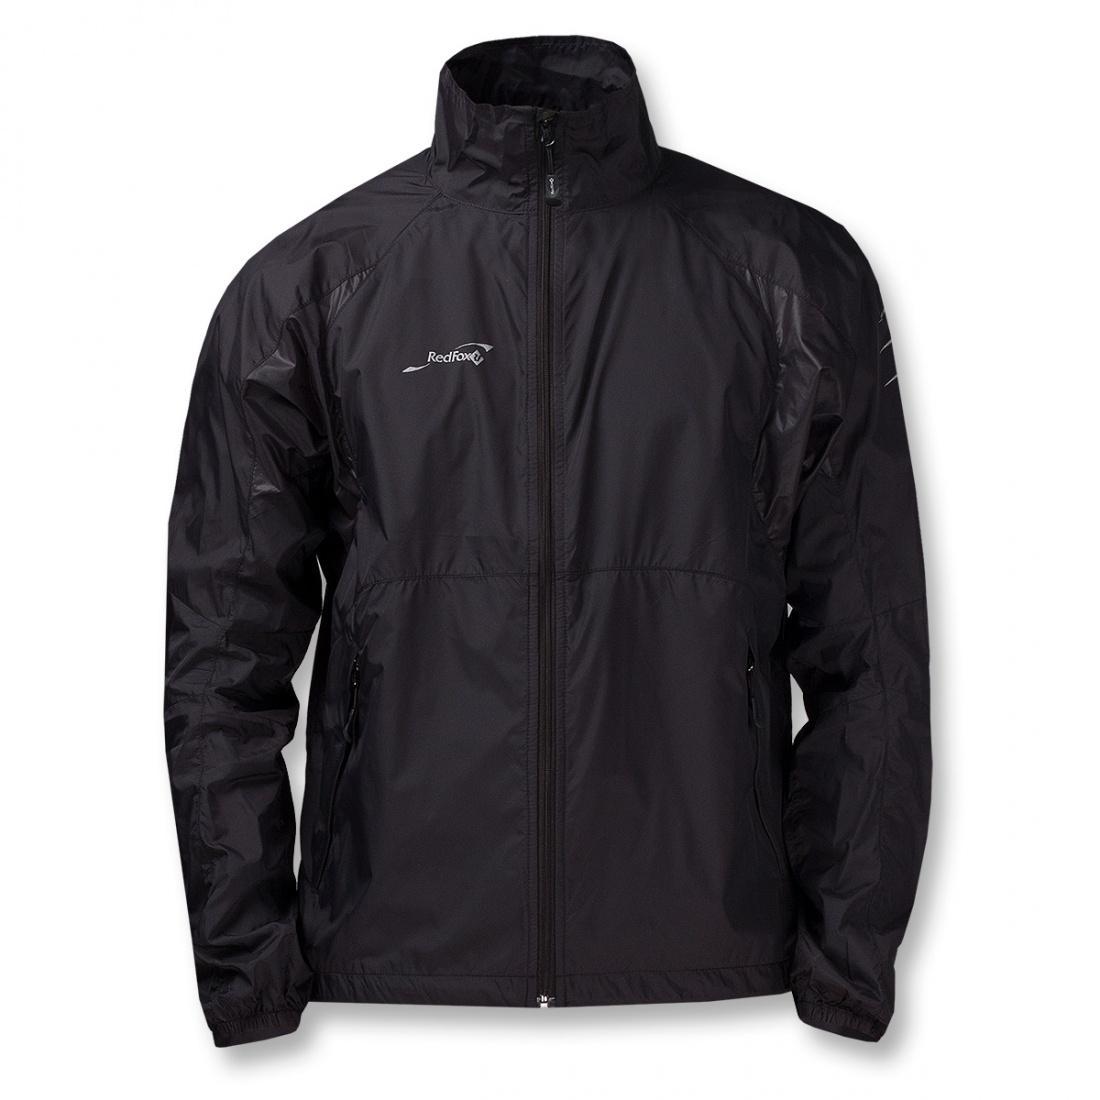 Куртка ветрозащитная Trek Light IIКуртки<br><br> Очень легкая куртка для мультиспортсменов. Отлично сочетает в себе функции защиты от ветра и максимальной свободы движений. Куртку можно компактно упаковать в карман, расположенный на спине.<br><br><br> Особенности:<br><br><br>Два бо...<br><br>Цвет: Черный<br>Размер: 42